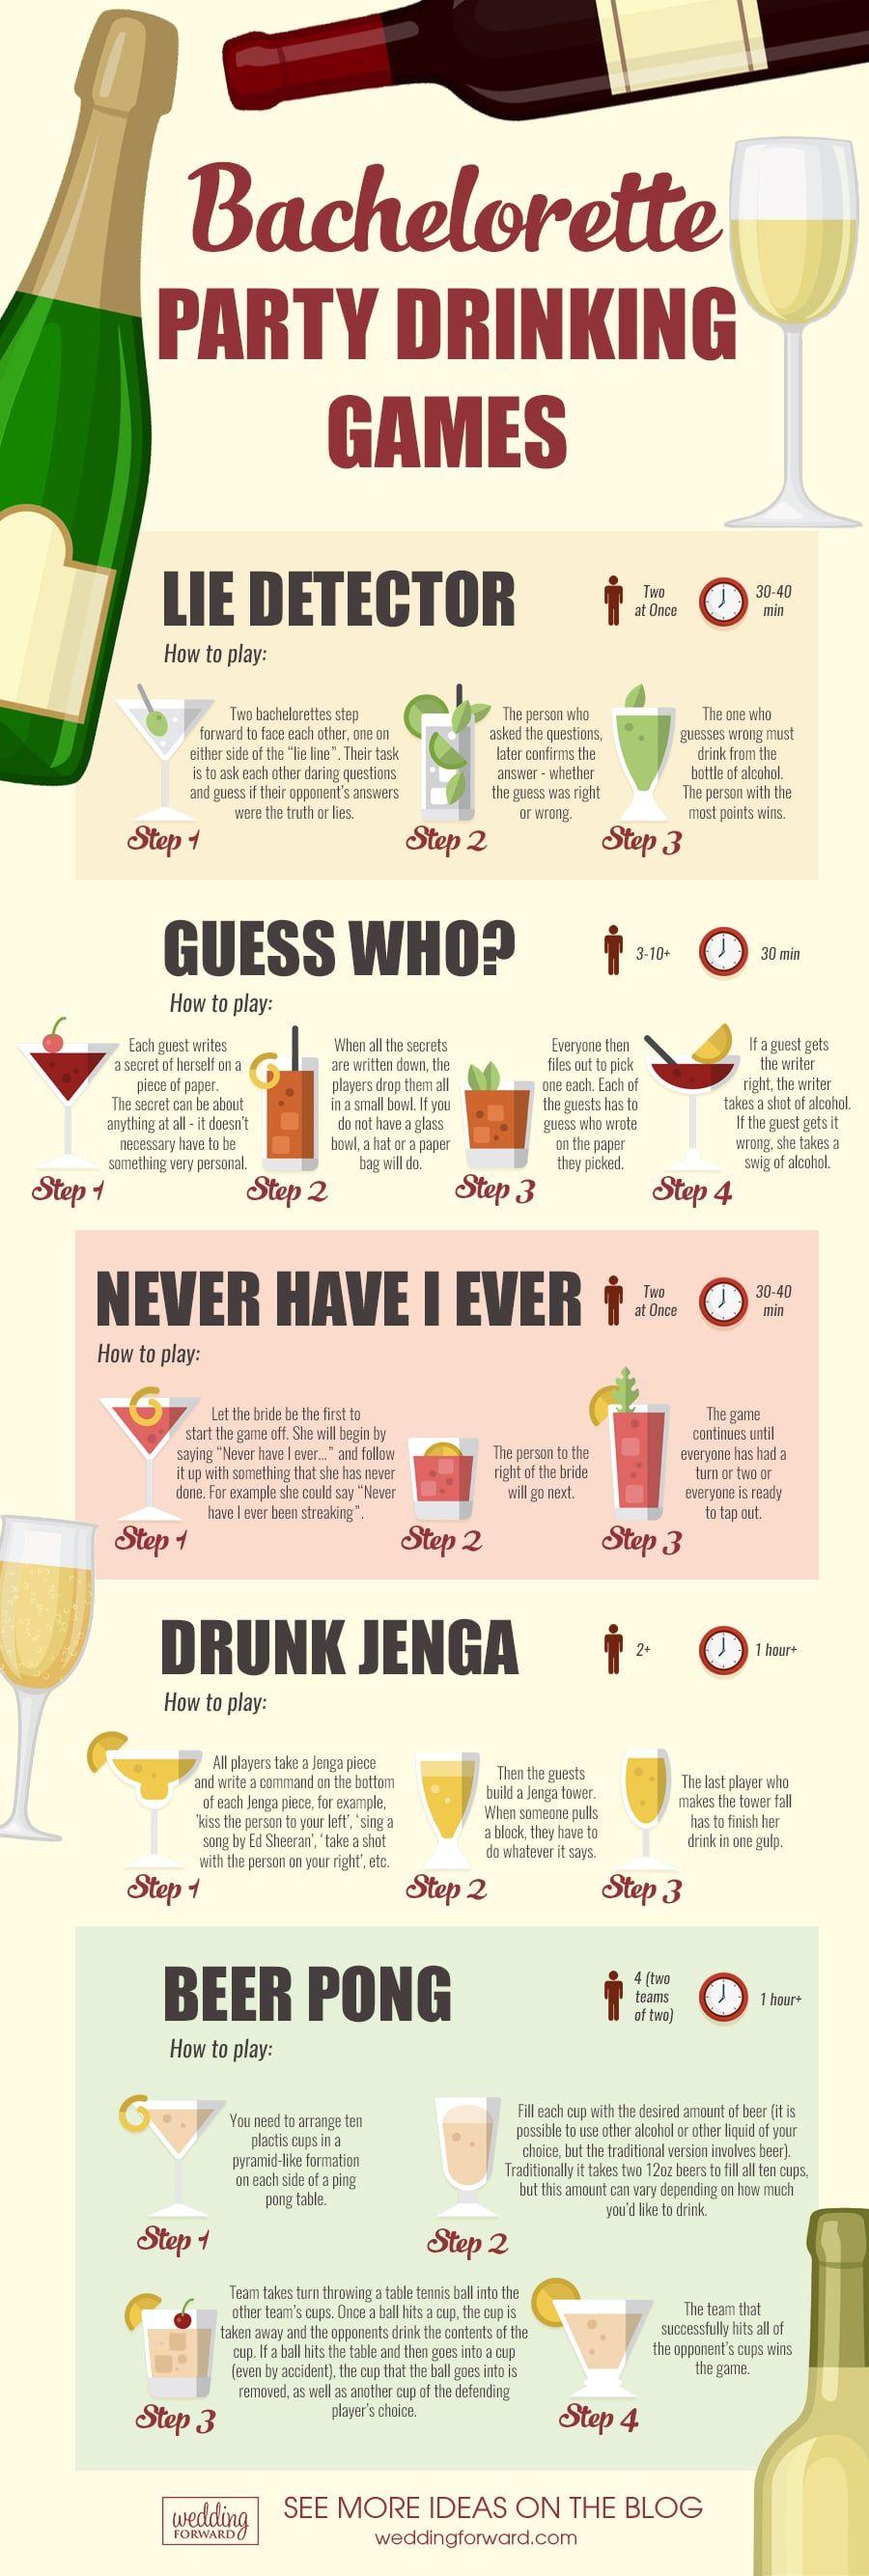 5 Hilarious Bachelorette Party Drinking Games 2020 Lustige Trinkspiele Bachelorette Partyplanung Und Trinkspiel